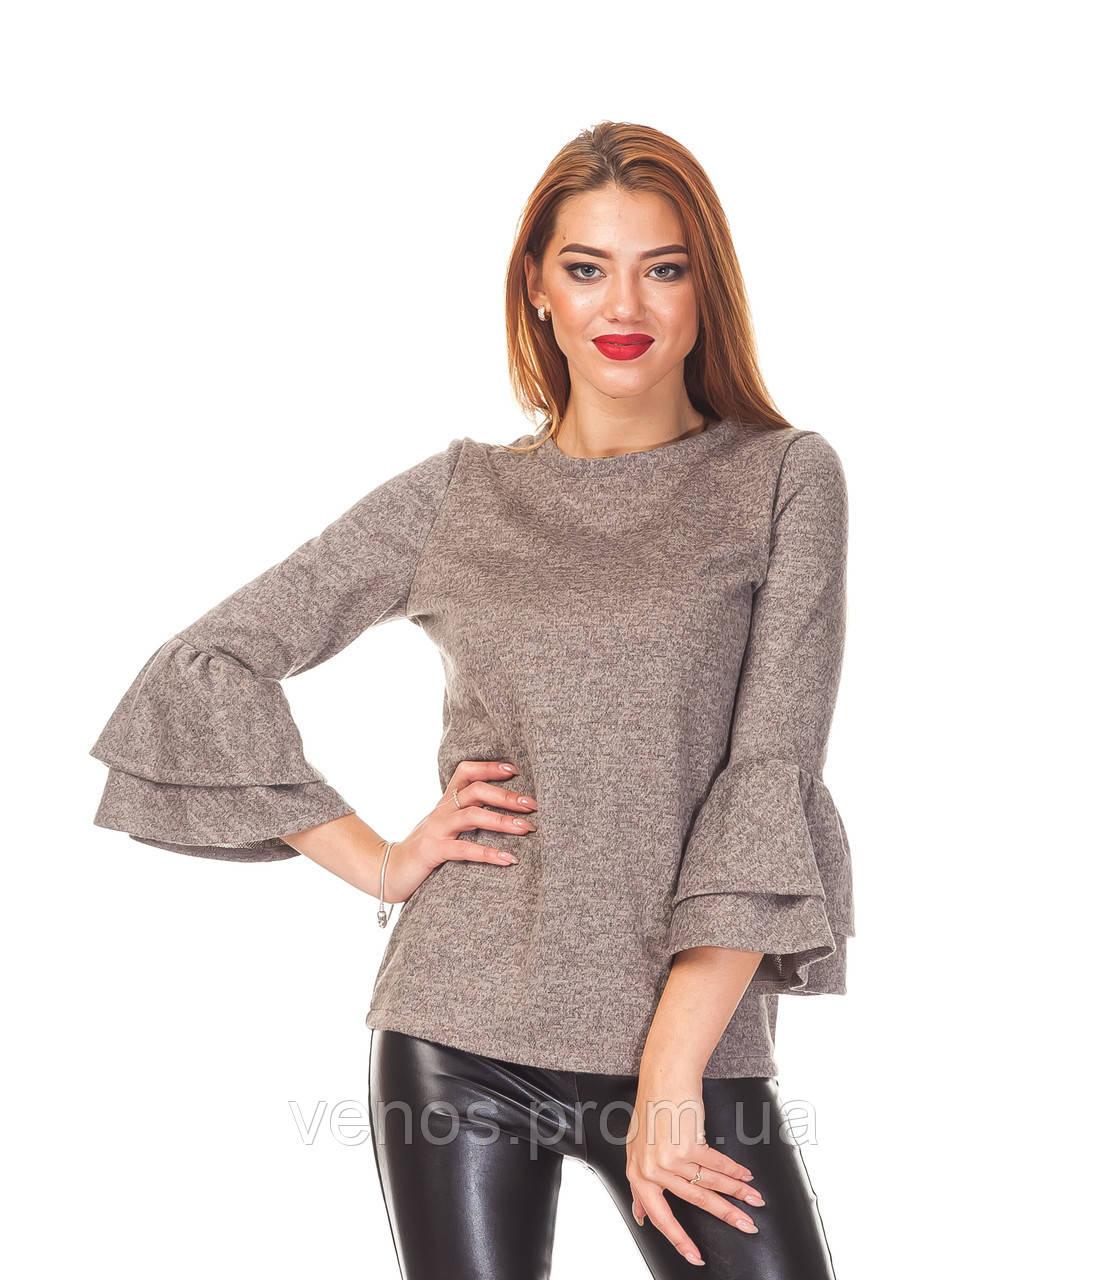 Модная женская кофточка с воланами на рукавах. К096